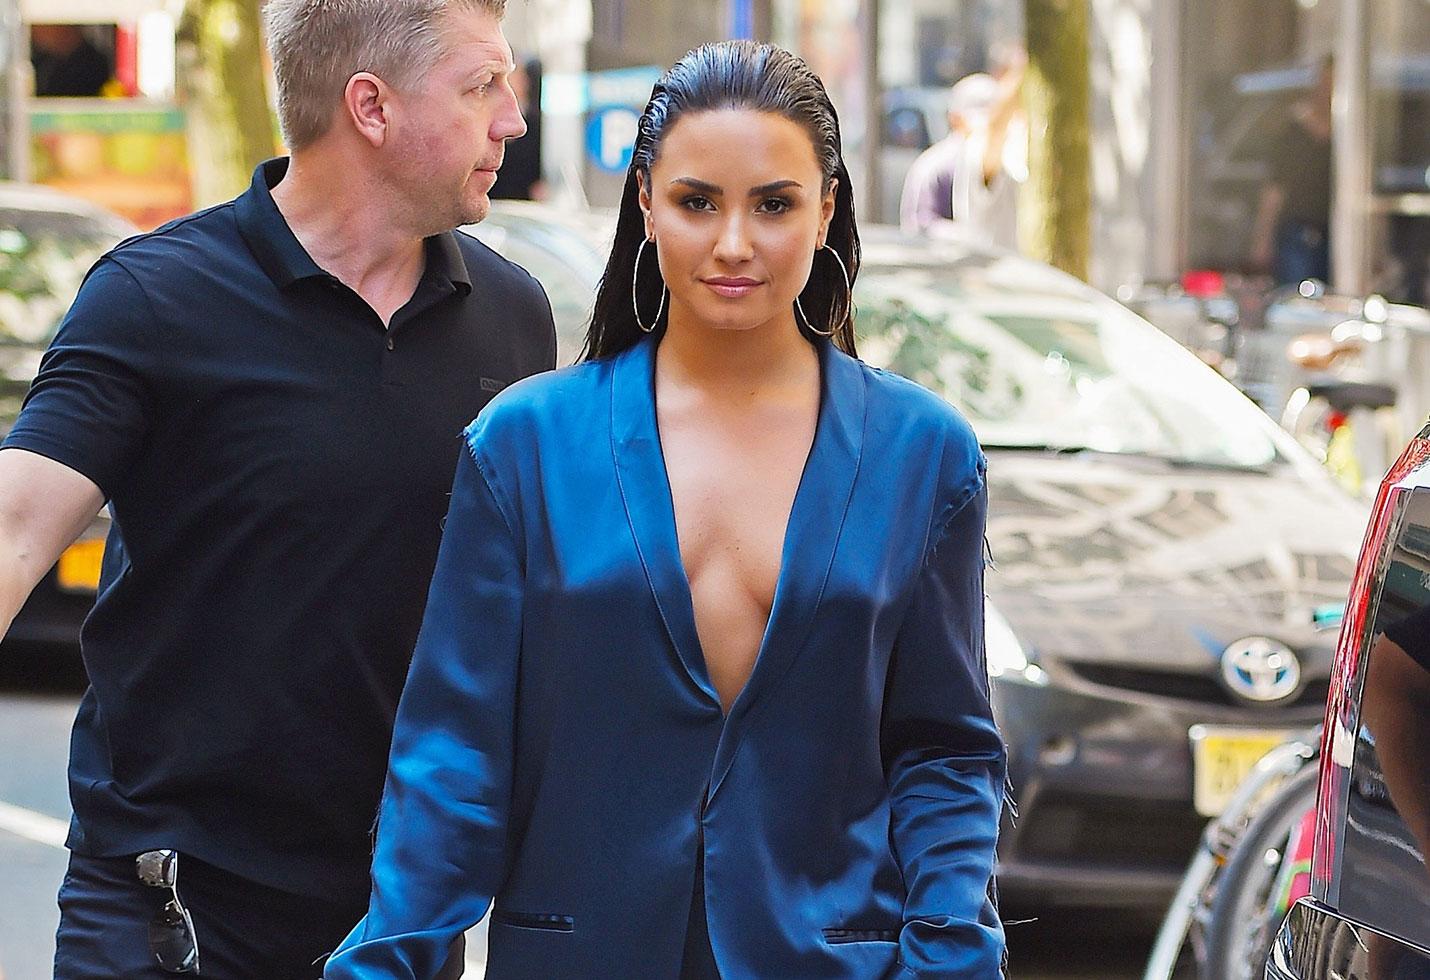 Demi lovato low cut blazer breast exposed